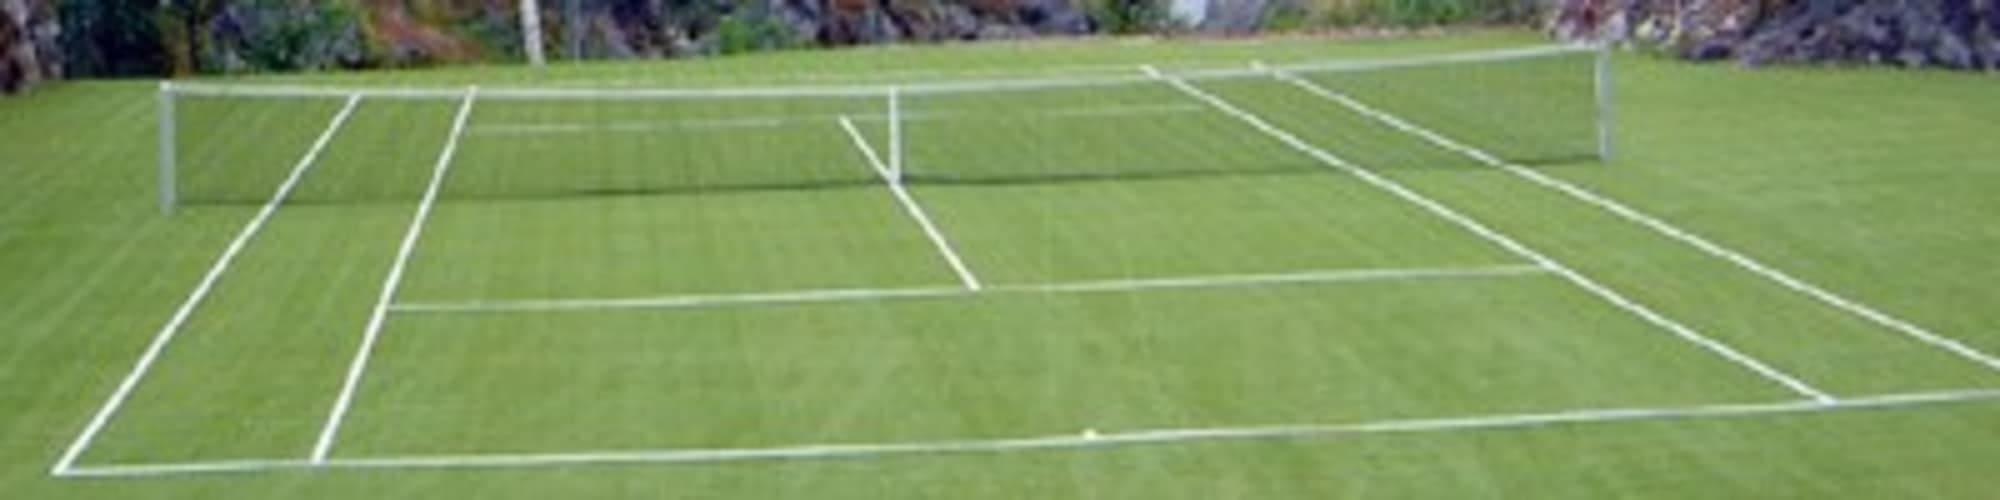 Tennisplatz von P&T Sportplatzsysteme